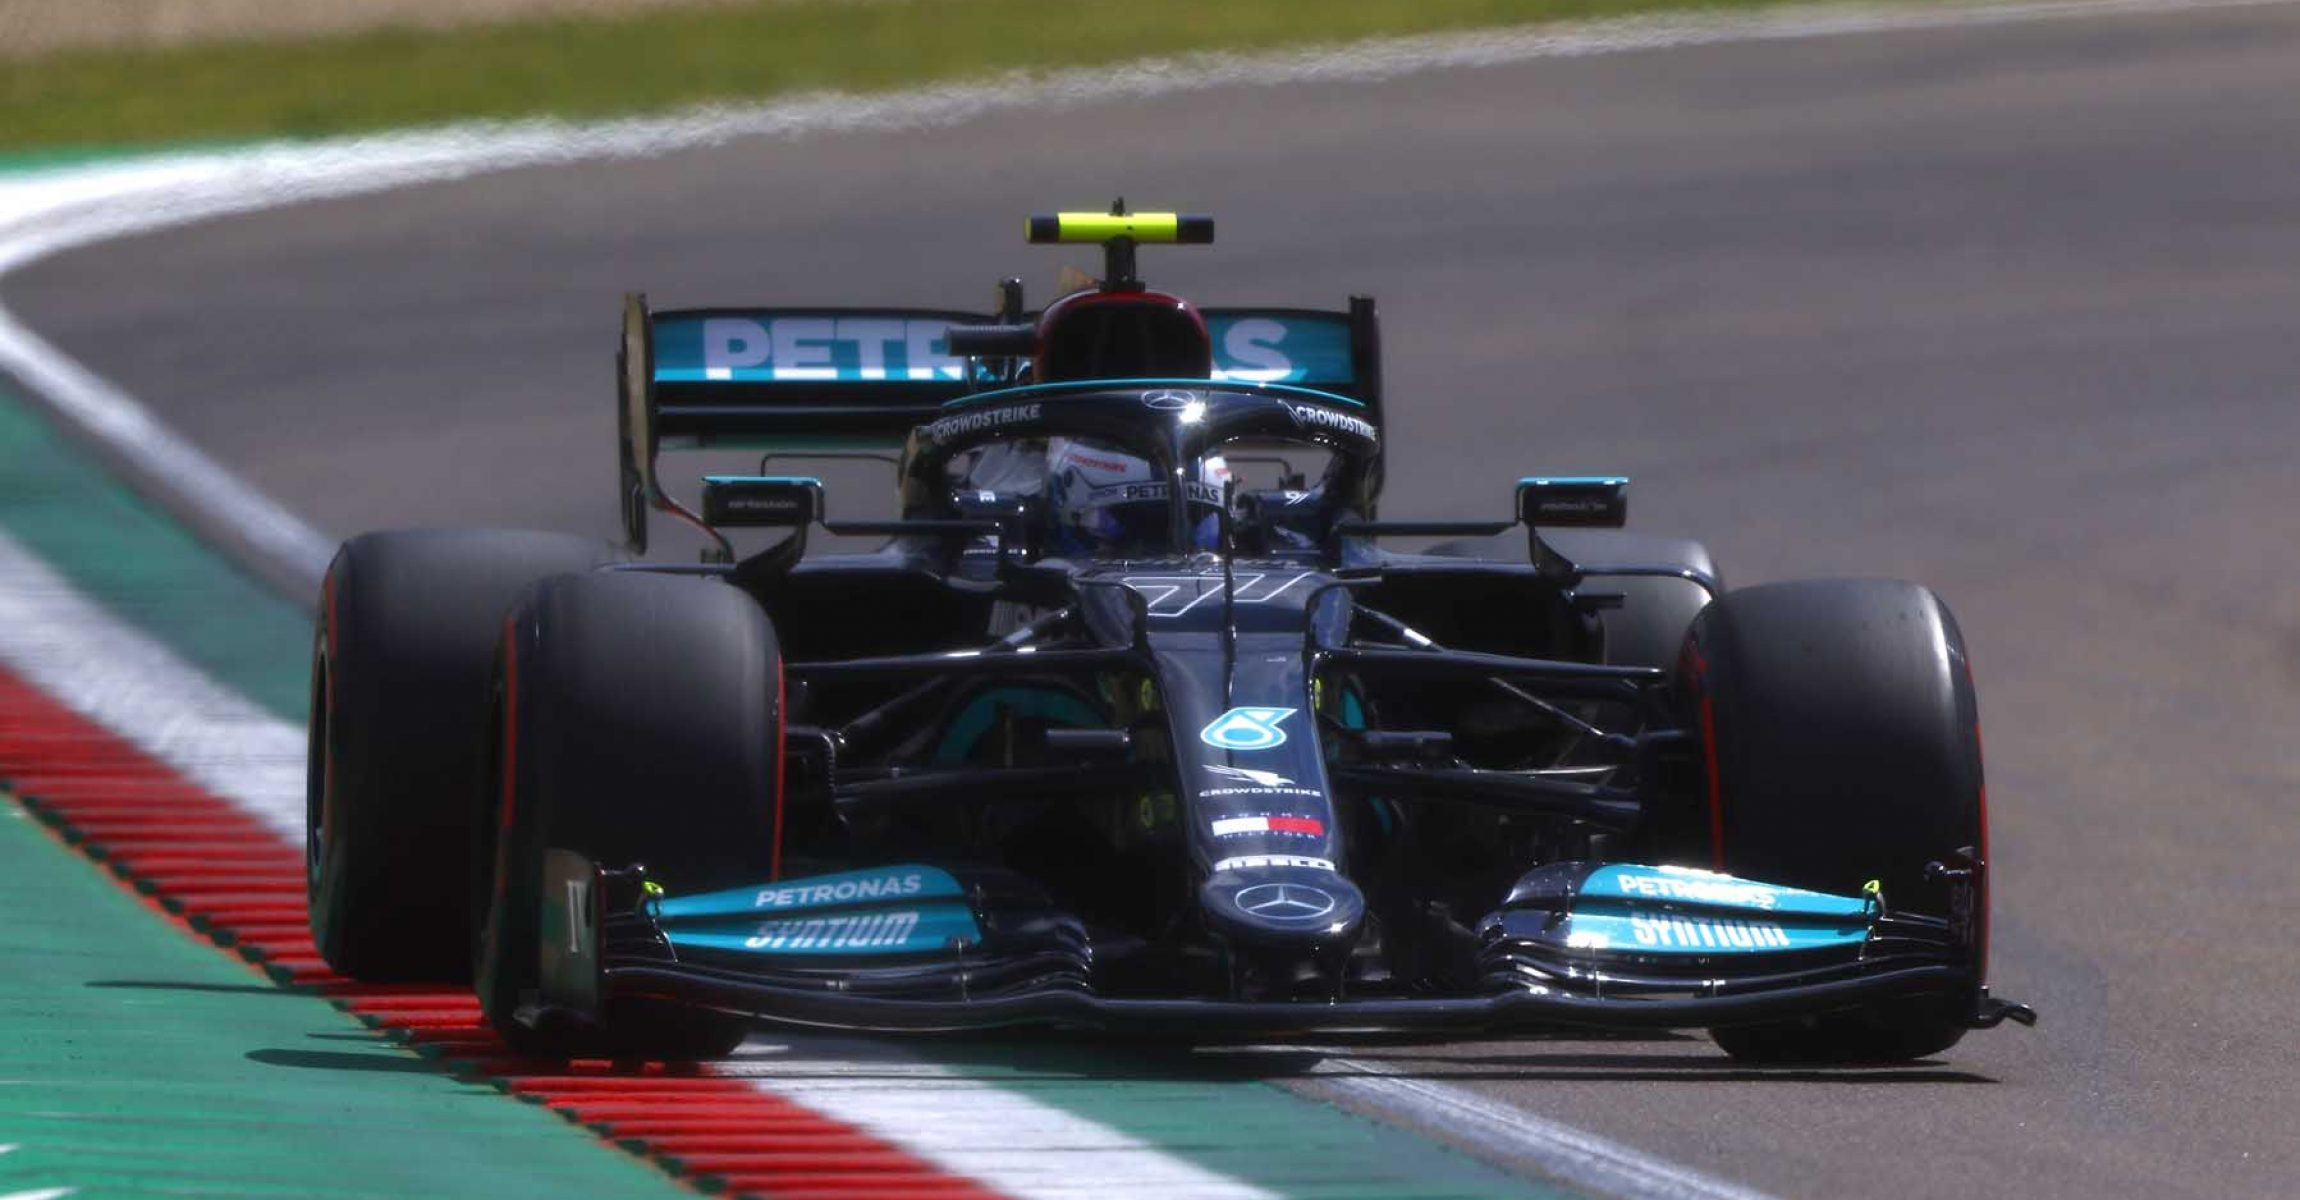 2021 Emilia Romagna Grand Prix, Saturday - LAT Images Valtteri Bottas Mercedes